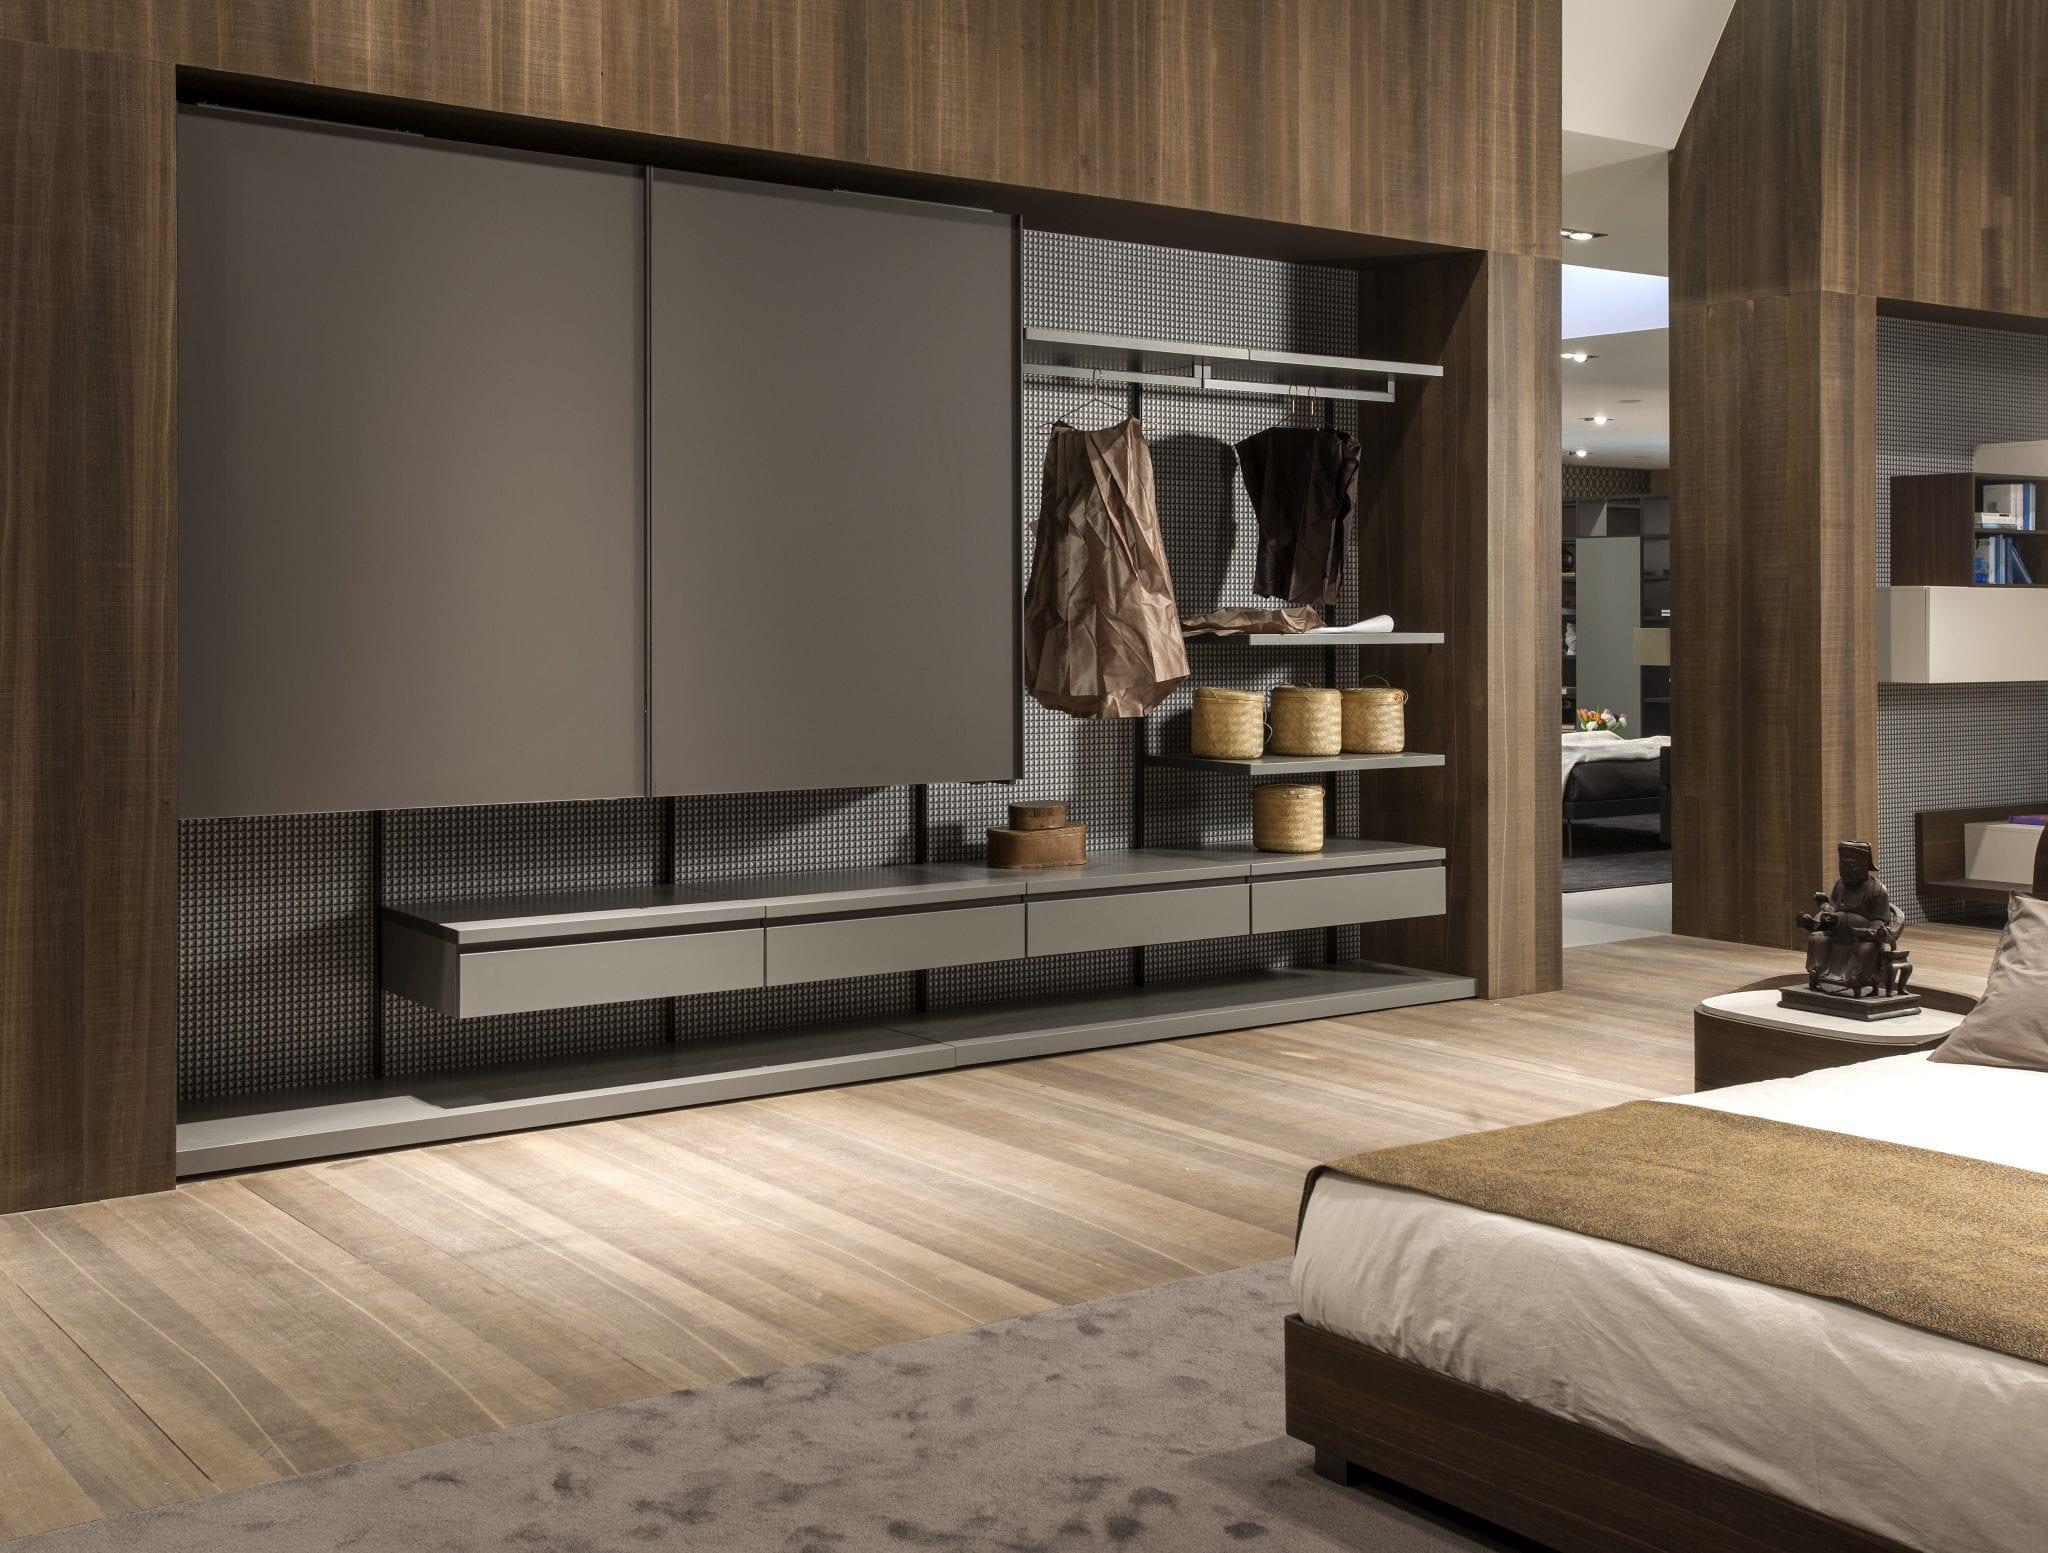 Cabine armadio moderne componibili e di design raimondi idee casa - Cabine armadio moderne ...